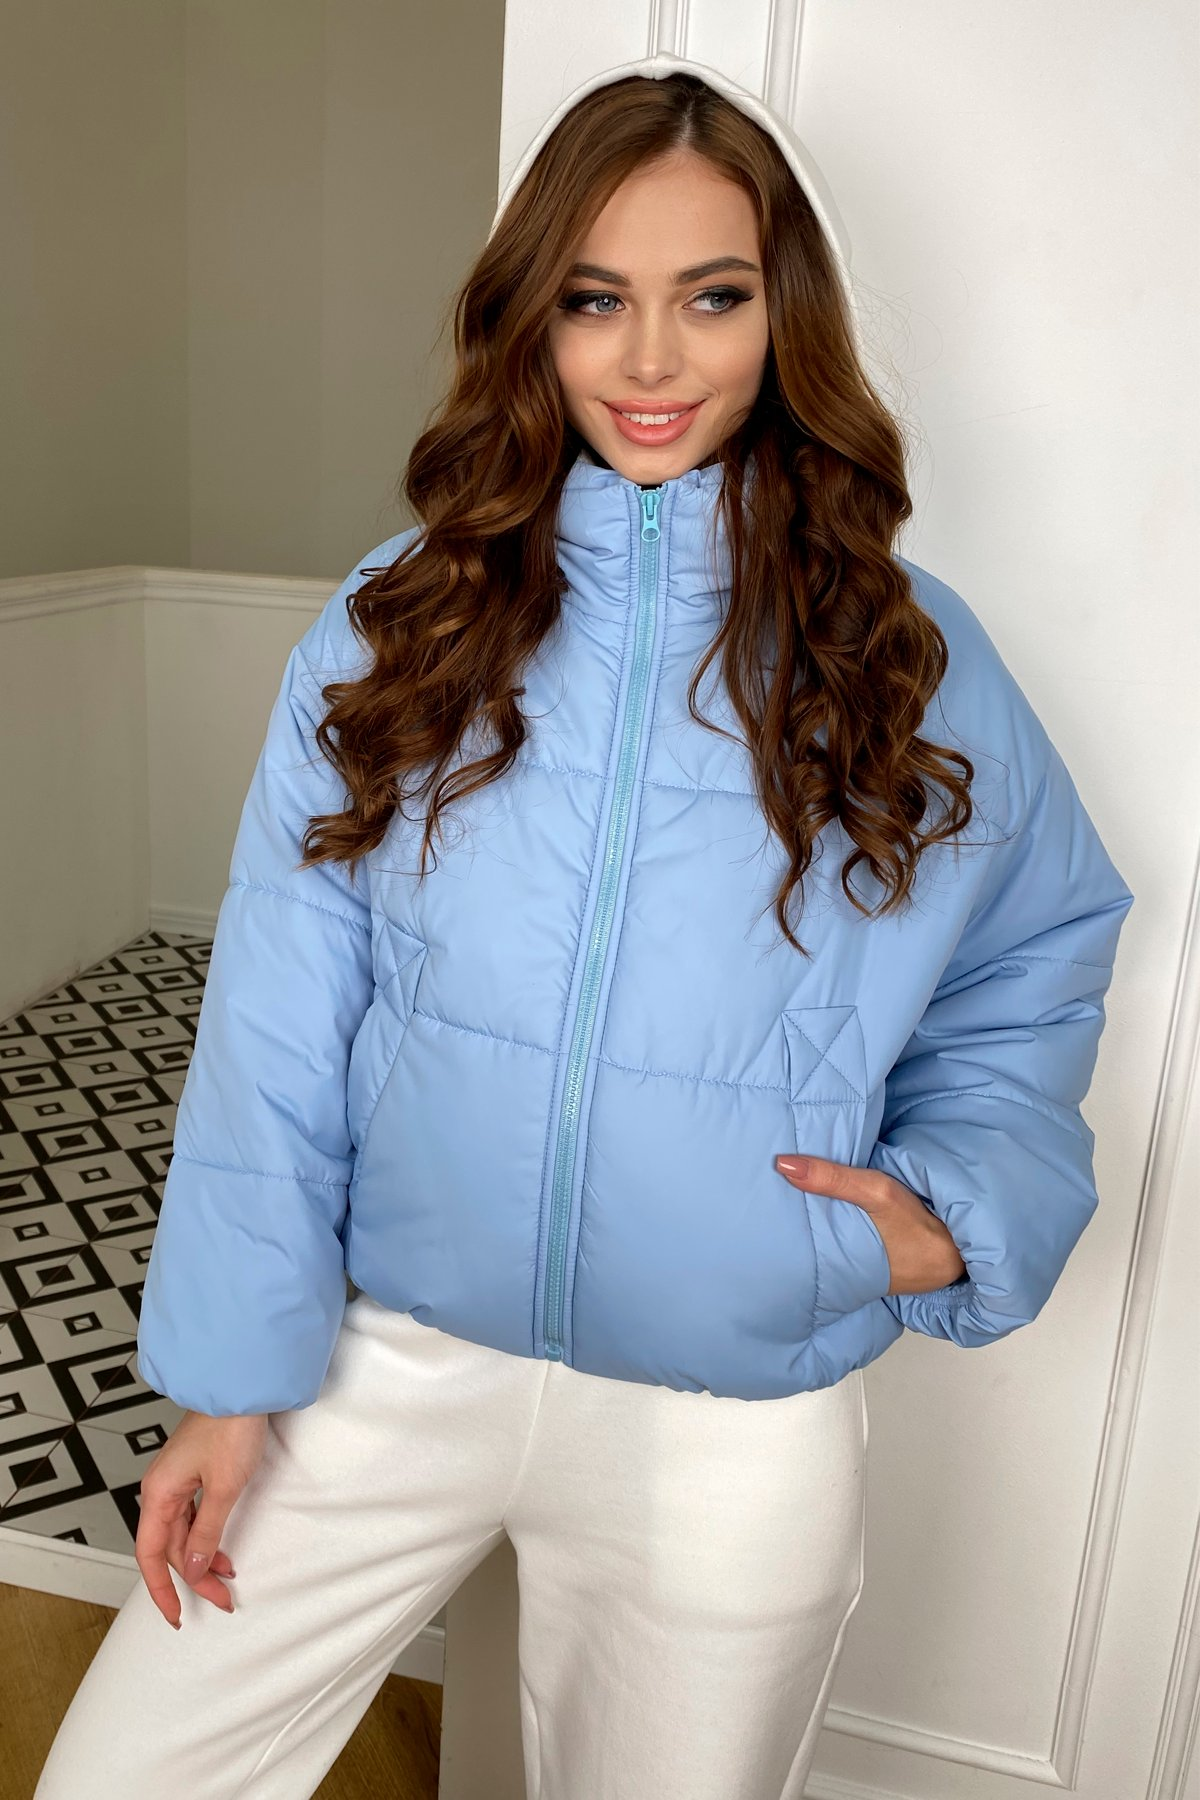 Драйв куртка из плащевой ткани 10448 АРТ. 46774 Цвет: Голубой - фото 6, интернет магазин tm-modus.ru